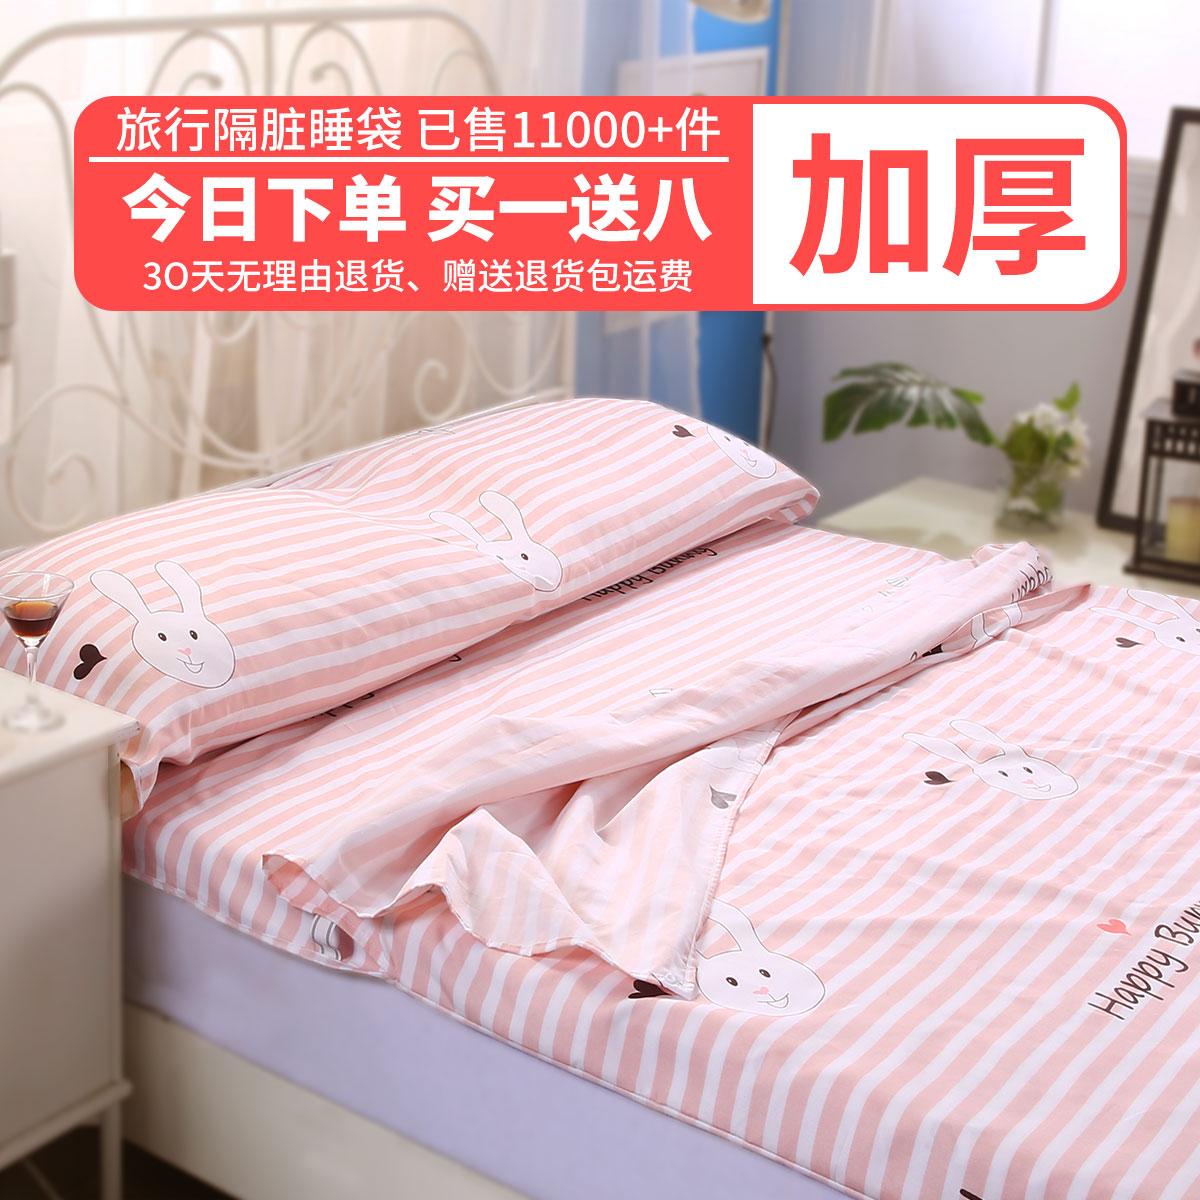 Du lịch dày công kinh doanh du lịch đơn đôi ngủ khách sạn khách sạn di động phân vùng bẩn túi ngủ mùa đông người lớn - Túi ngủ